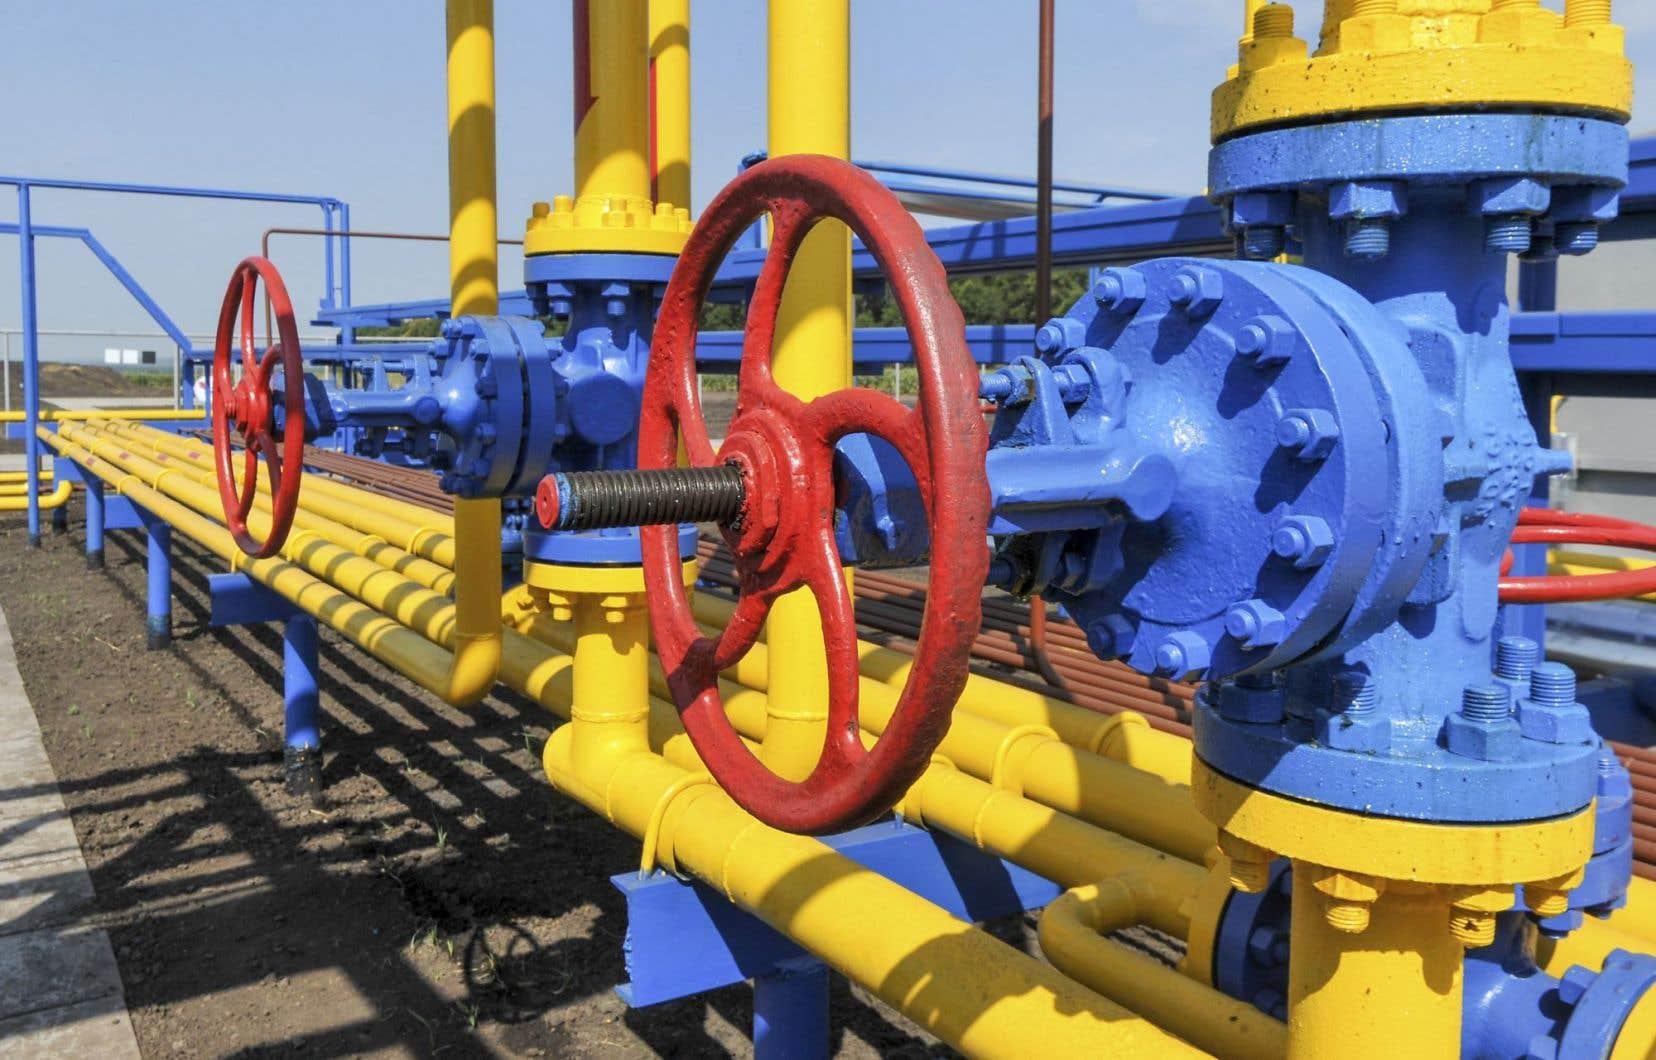 Columbia Pipeline détient un réseau de plus de 24000 kilomètres de gazoducs aux États-Unis.